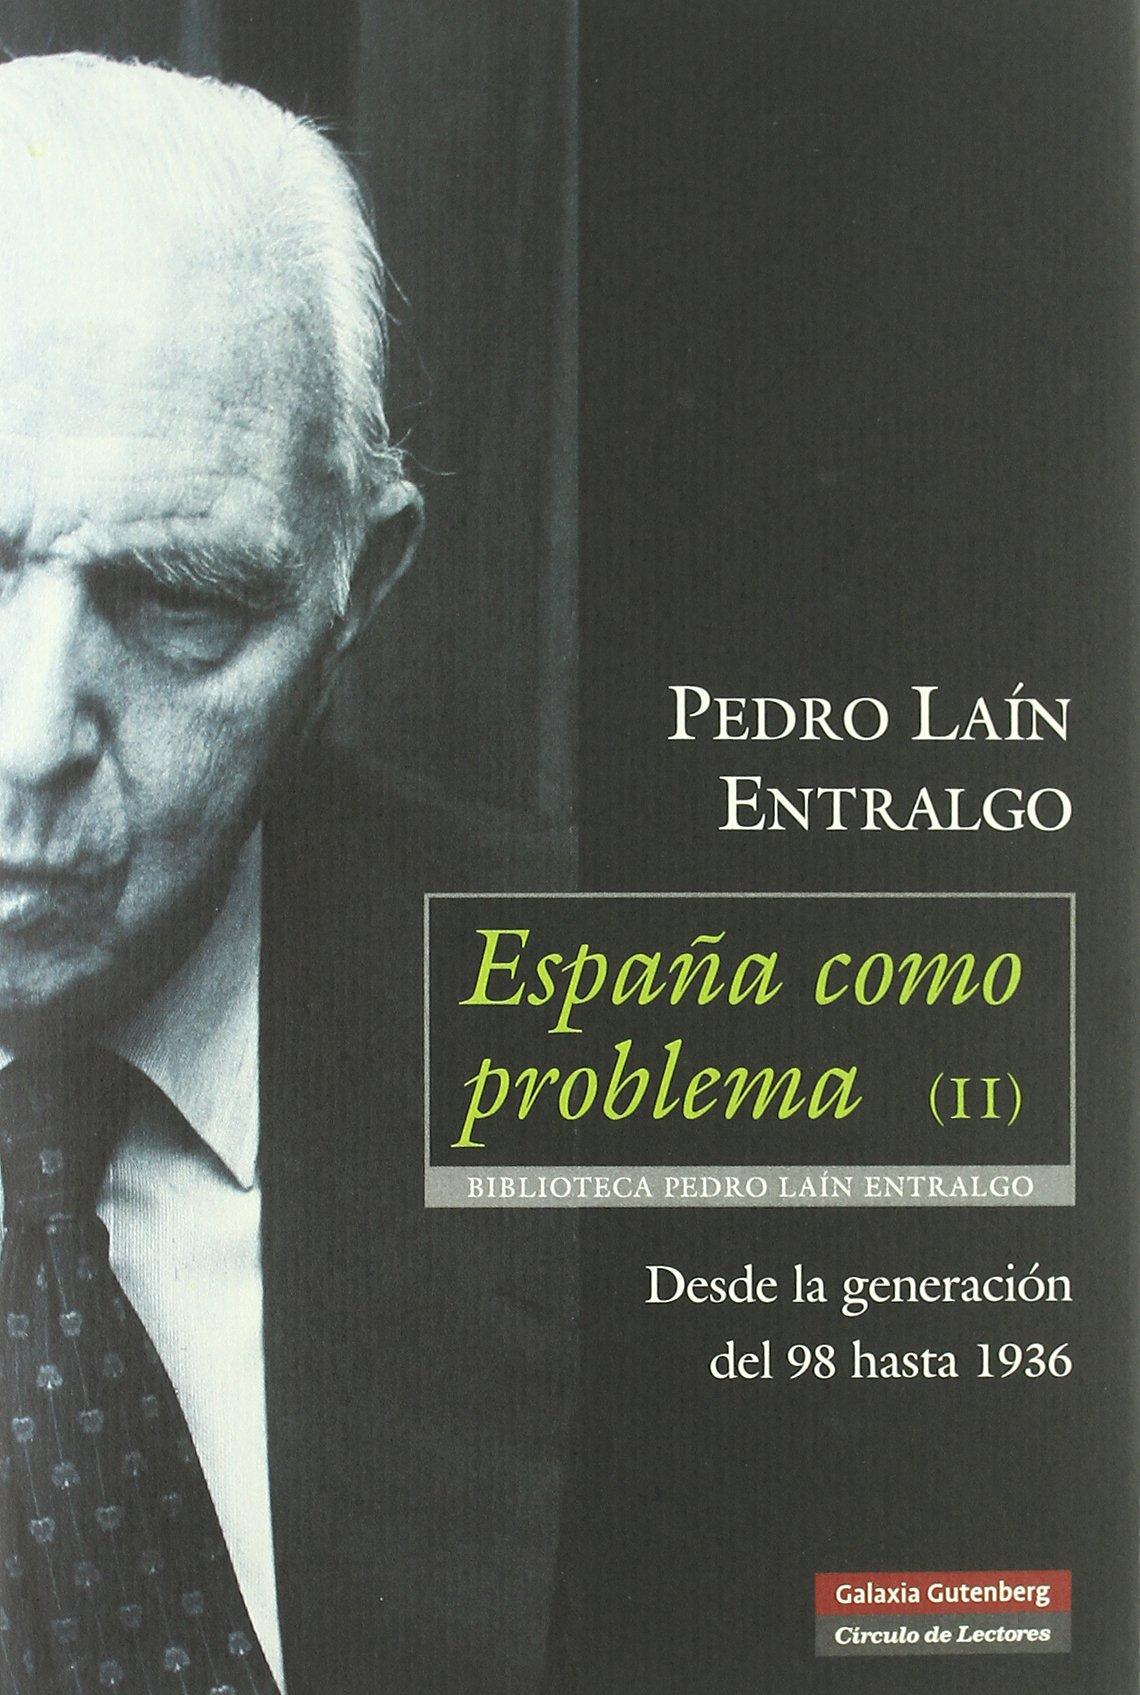 España como problema II: Desde la Generación del 98 hasta 1936: 2 Ensayo: Amazon.es: Laín Entralgo, Pedro: Libros